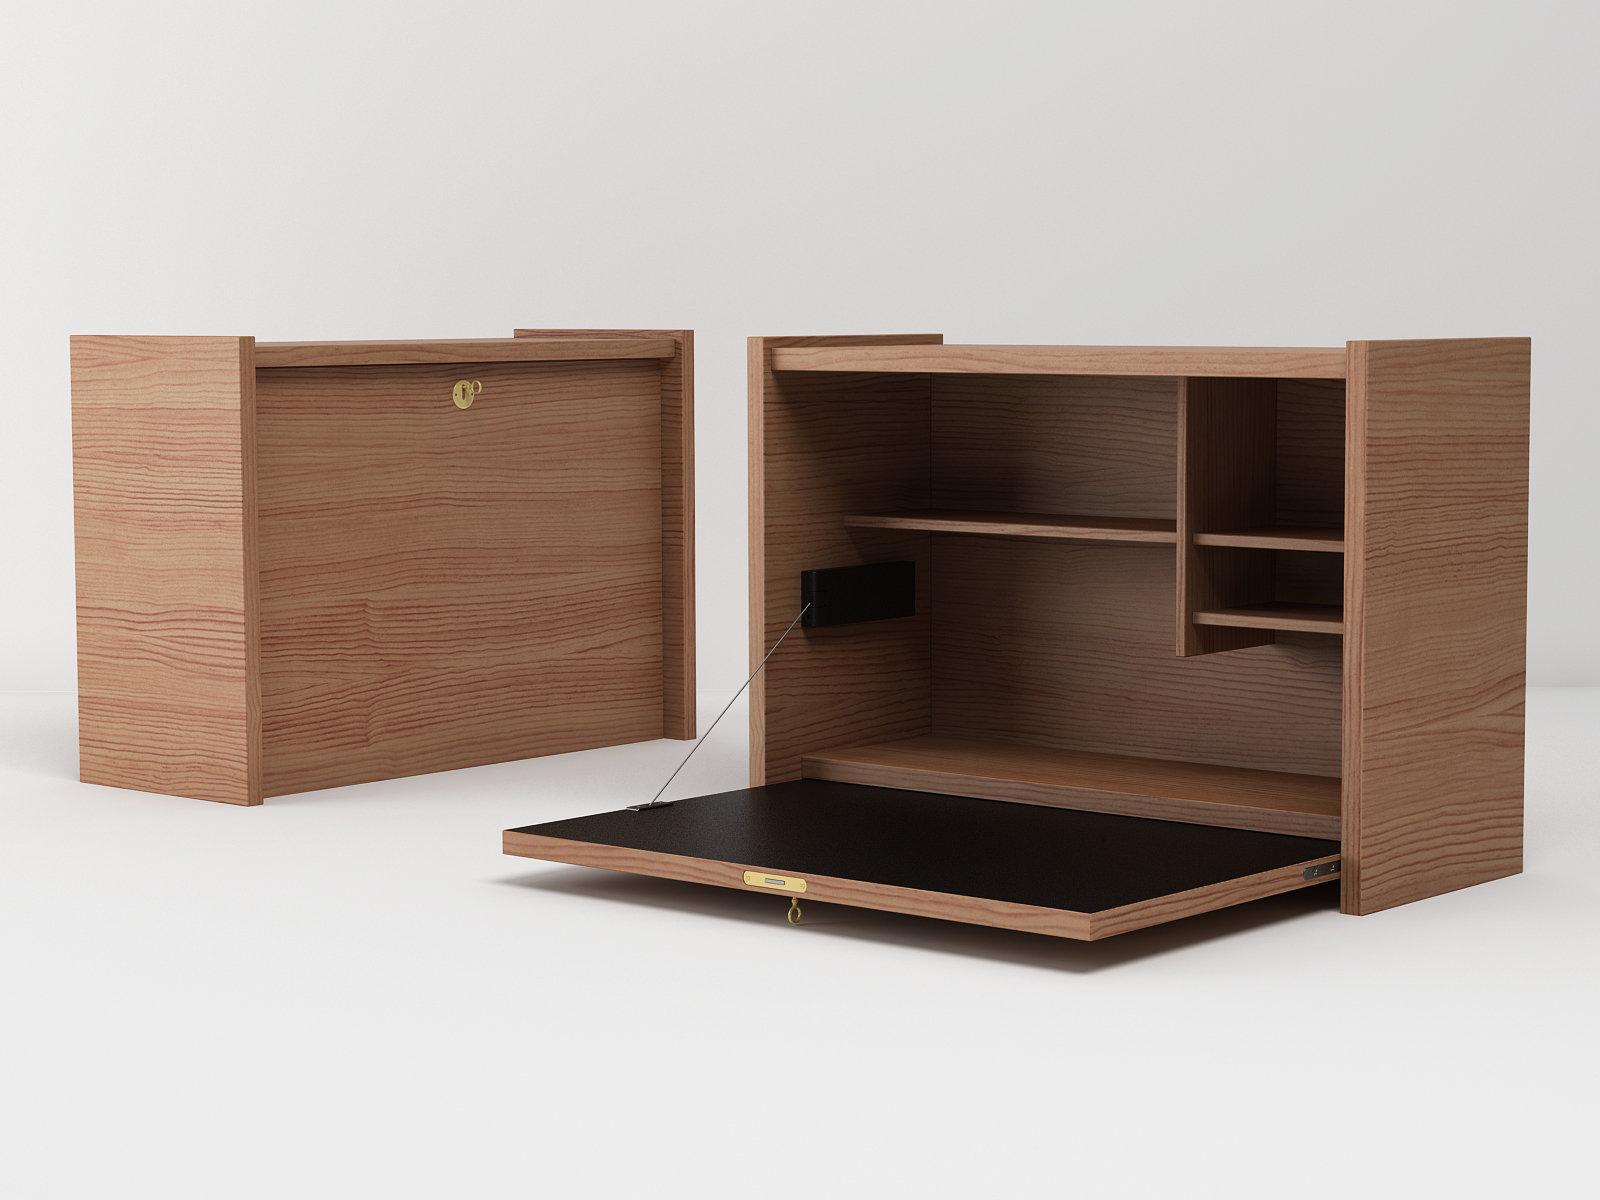 le secr taire mural 3d model ligne roset. Black Bedroom Furniture Sets. Home Design Ideas